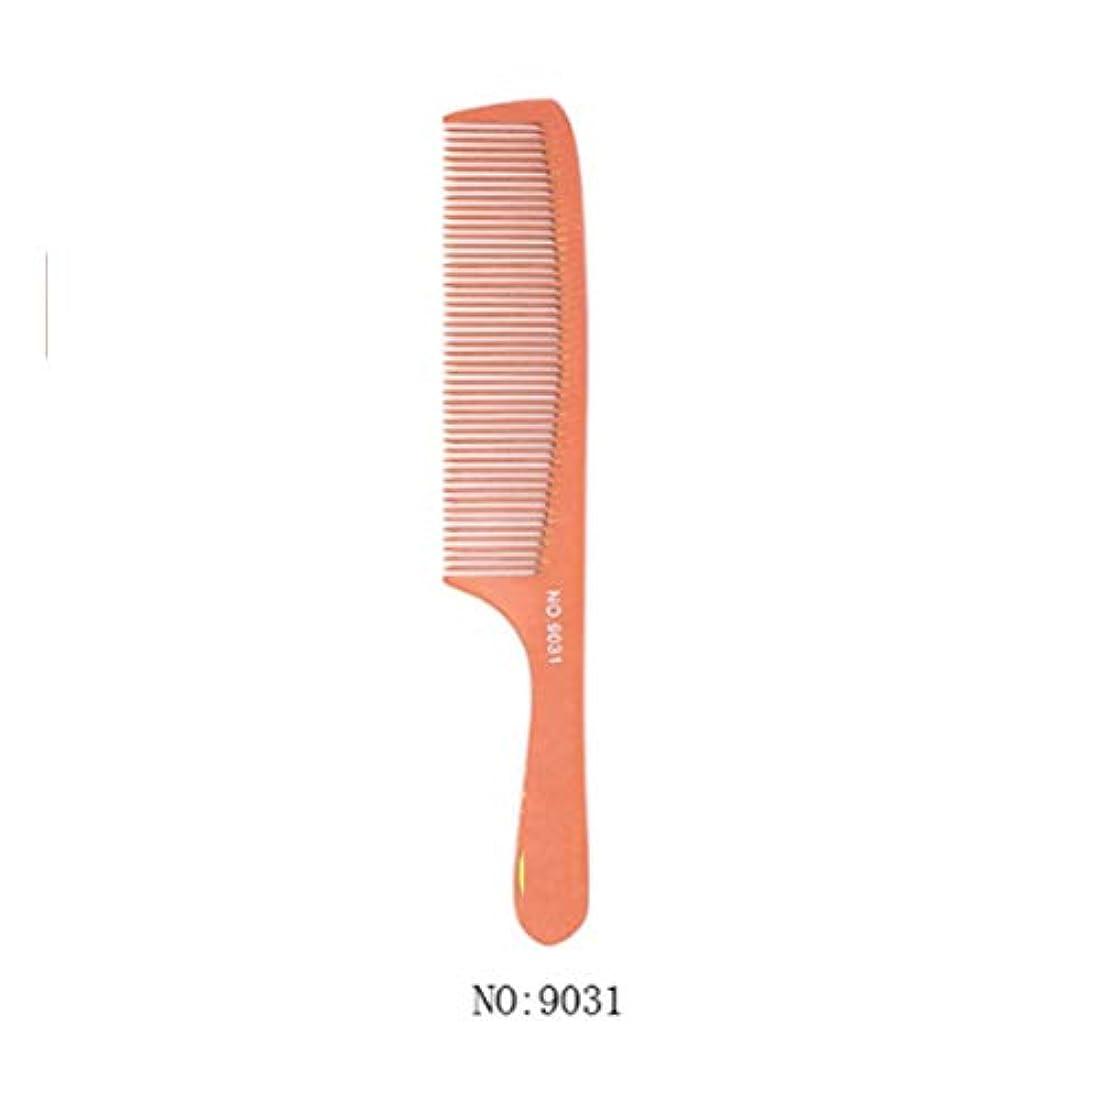 ゲート前売線髭、頭髪、口ひげのための帯電防止の&Snagのハンドメイドのブラシ無しの木 - 毛の櫛の家族 ヘアケア (Design : 9031)